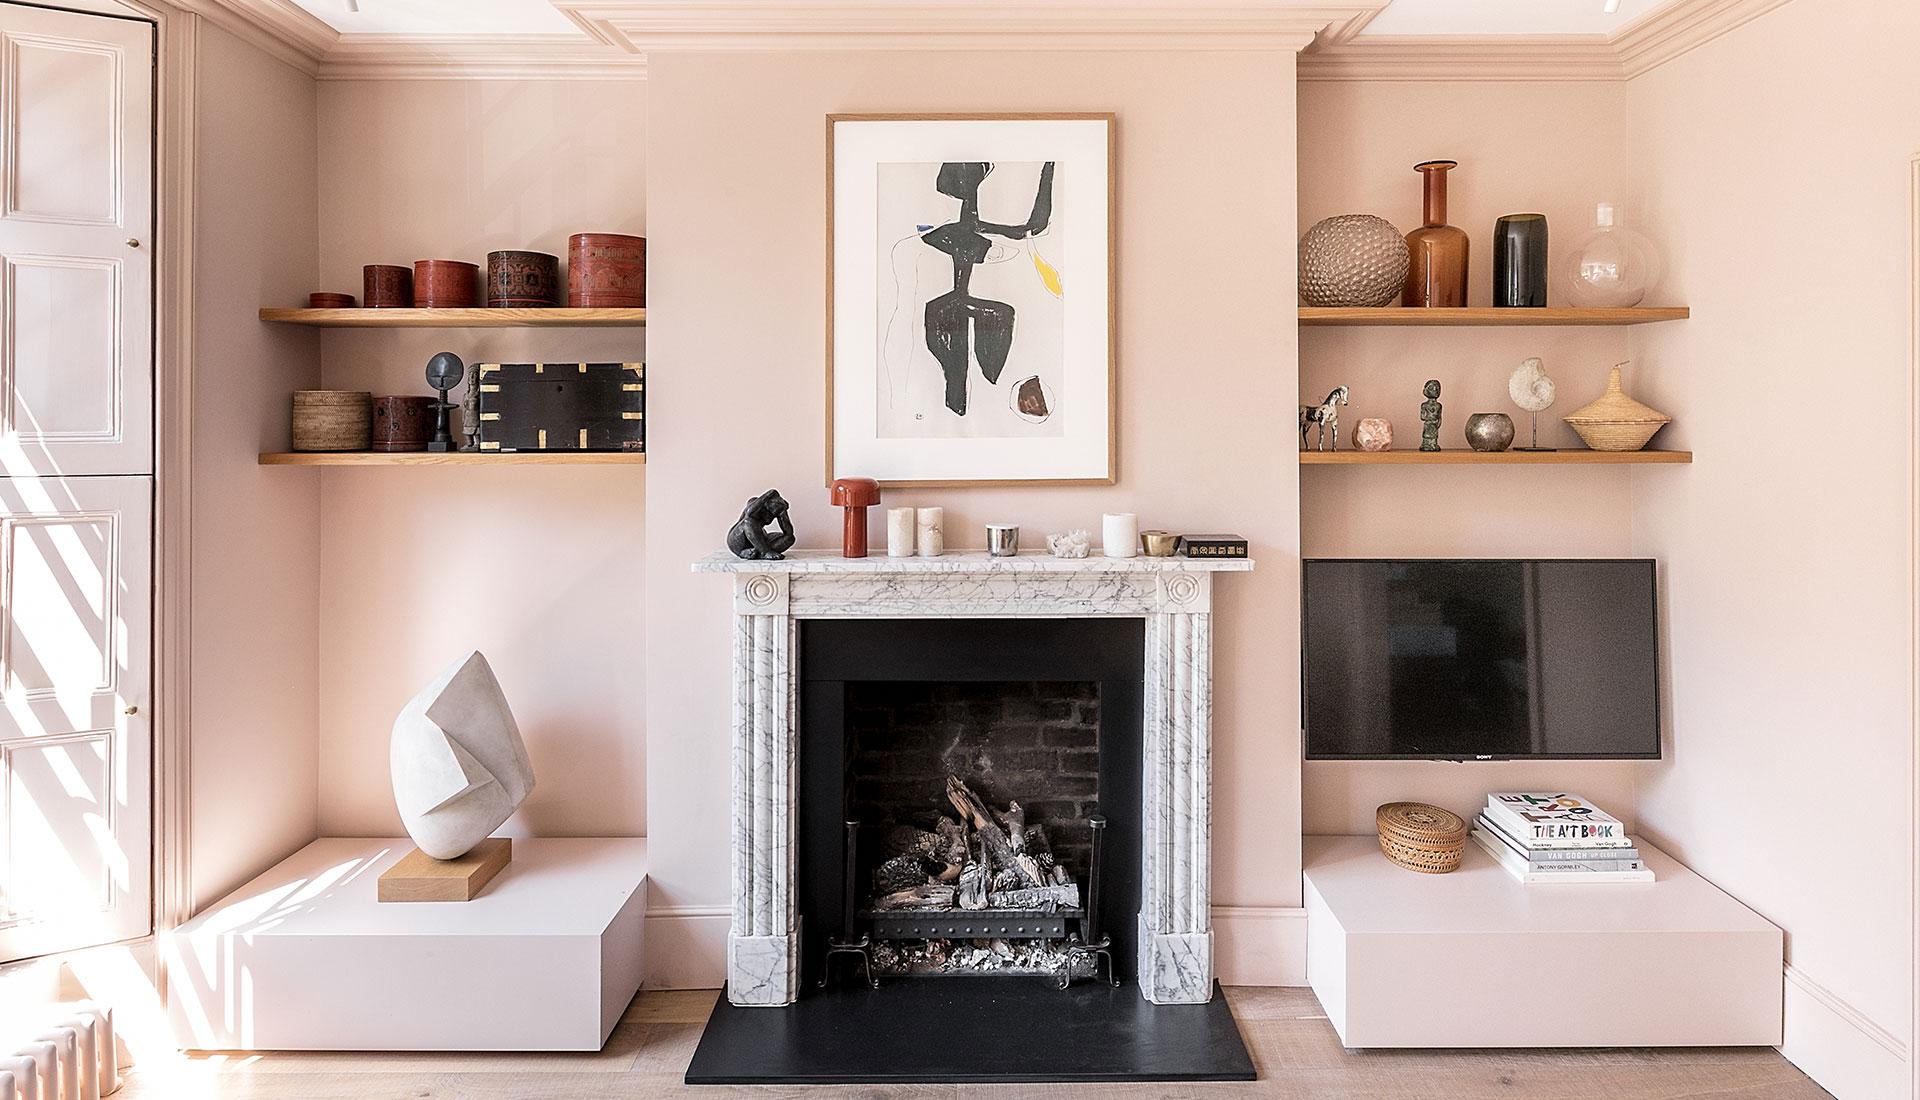 Дом дизайнера Филиппы Кнутссон в Лондоне